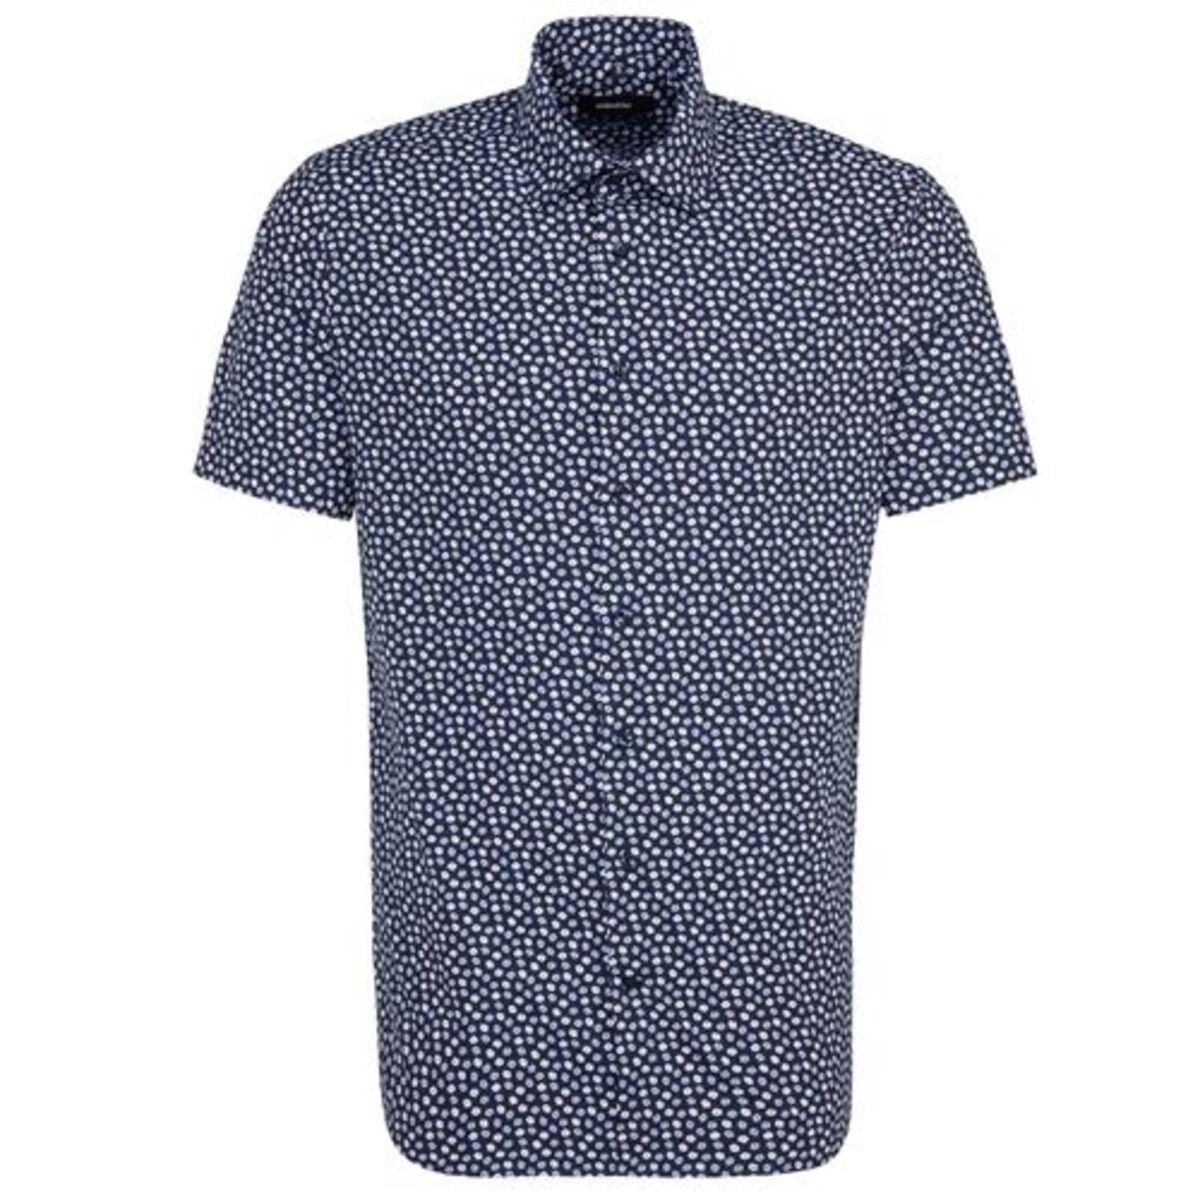 Bild 4 von Seidensticker Business Hemd Tailored Kurzarm Kentkragen Print, Dunkelblau, blau, 38, 38